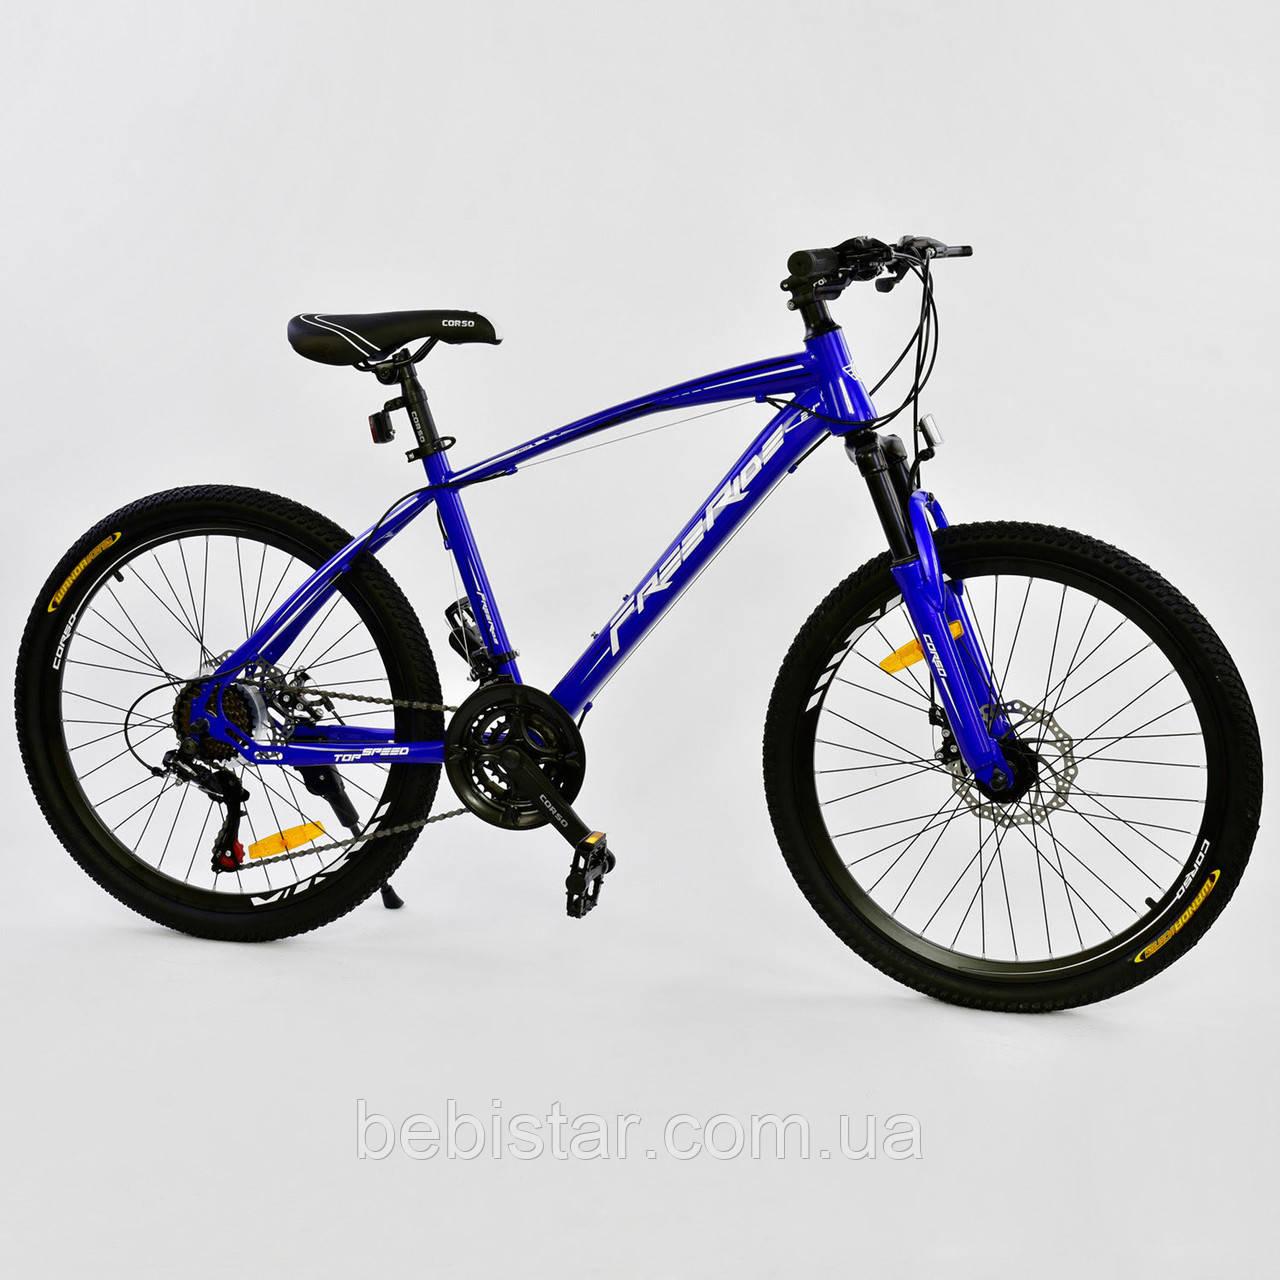 """Детский спортивный велосипед синий CORSO Free Ride 24"""" металлическая рама 13"""" детям от 8 лет, от 130 см"""